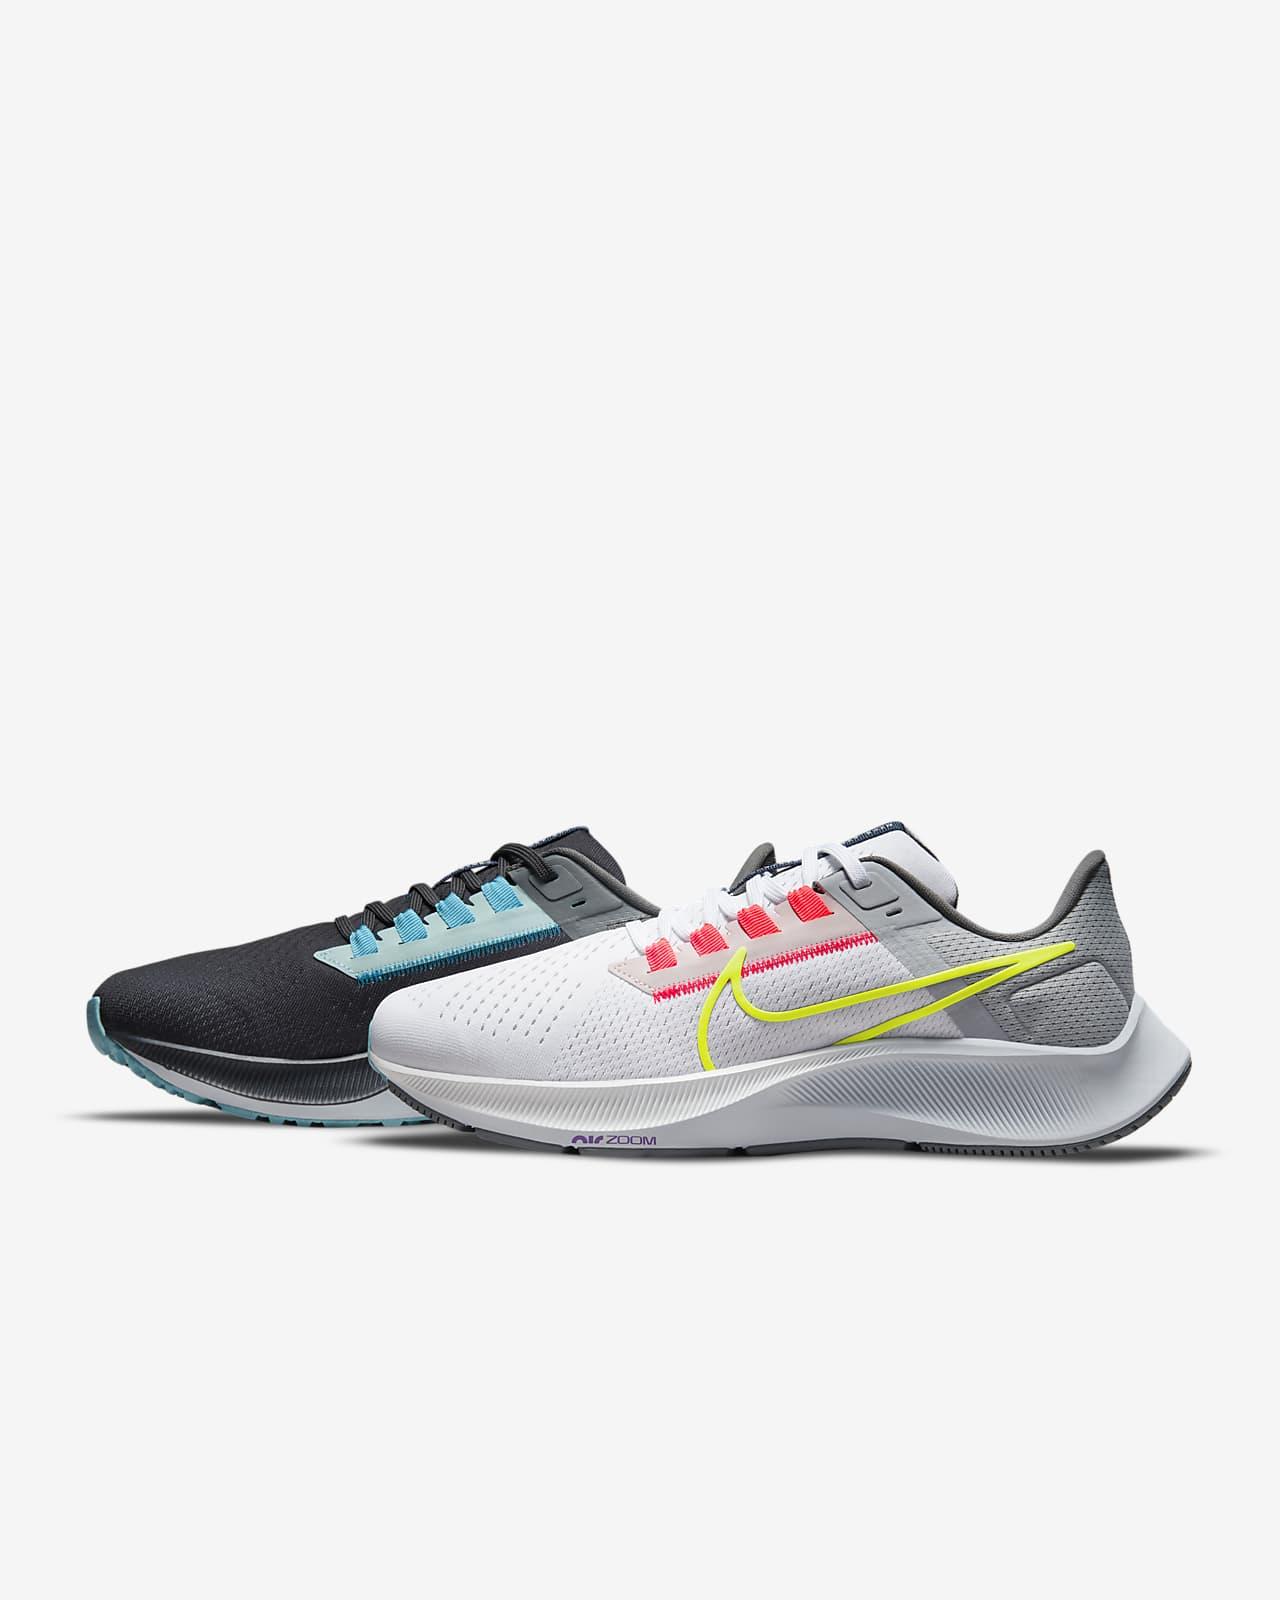 รองเท้าวิ่งผู้หญิง Nike Air Zoom Pegasus 38 Limited Edition